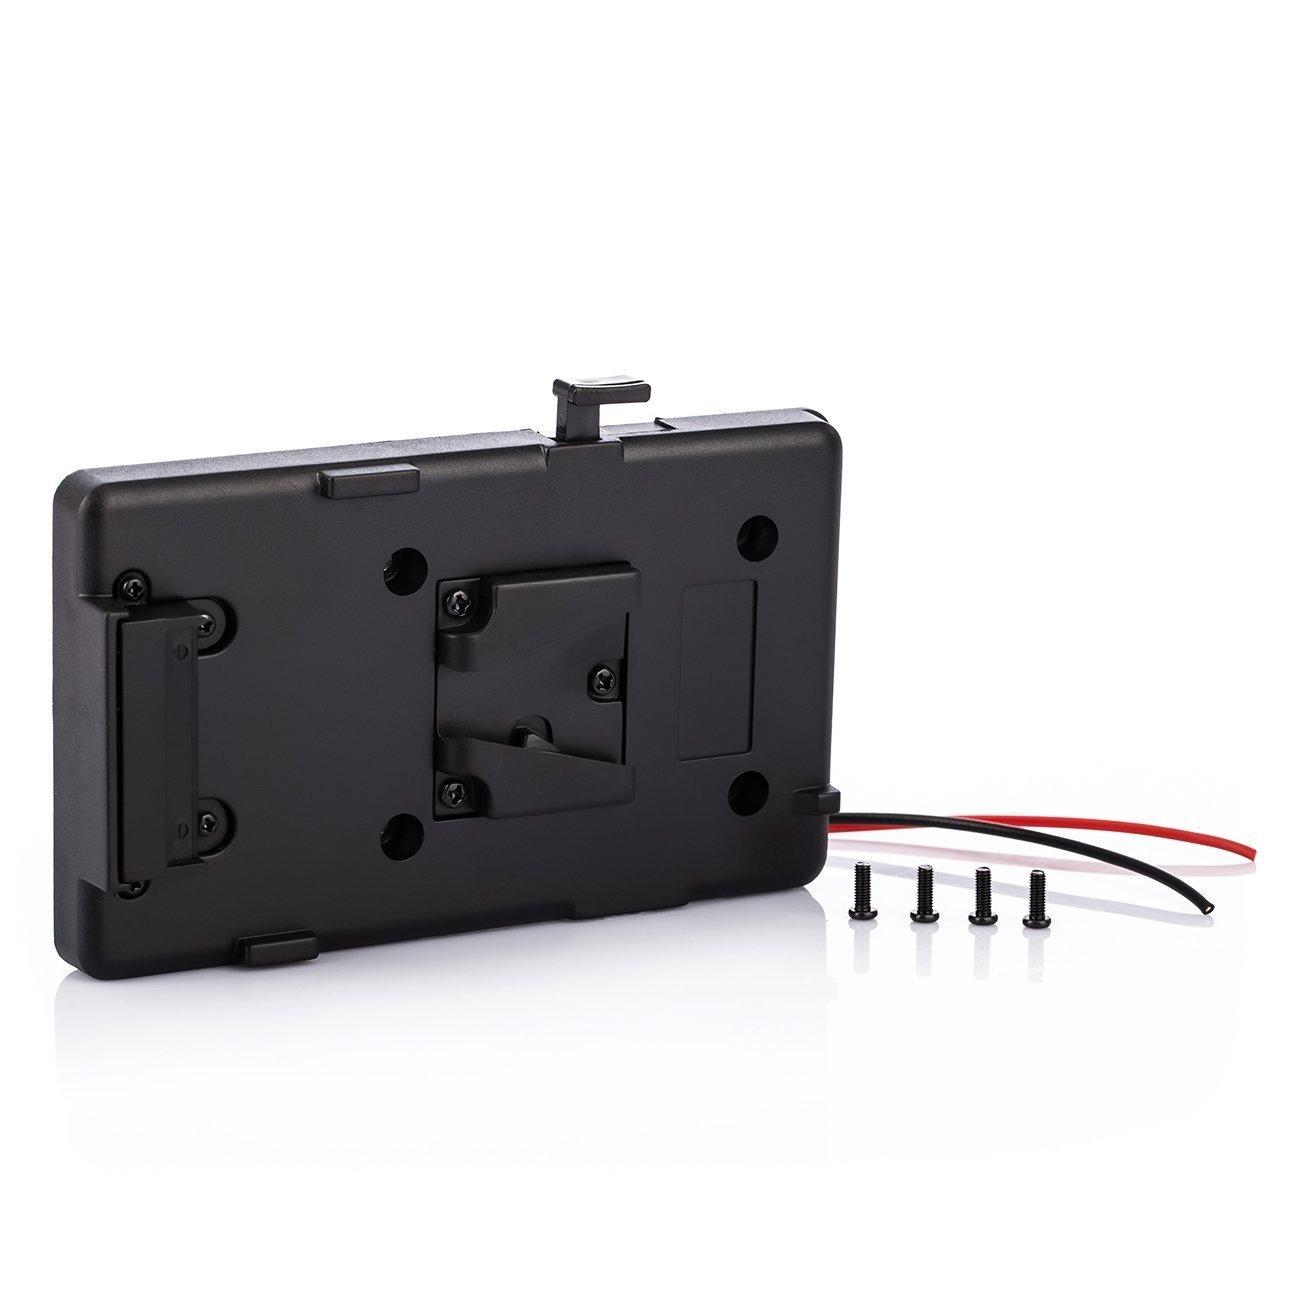 RMC-2F AIC 1U Power Supply Bracket for 2U case Like RMC-2A RMC-2N